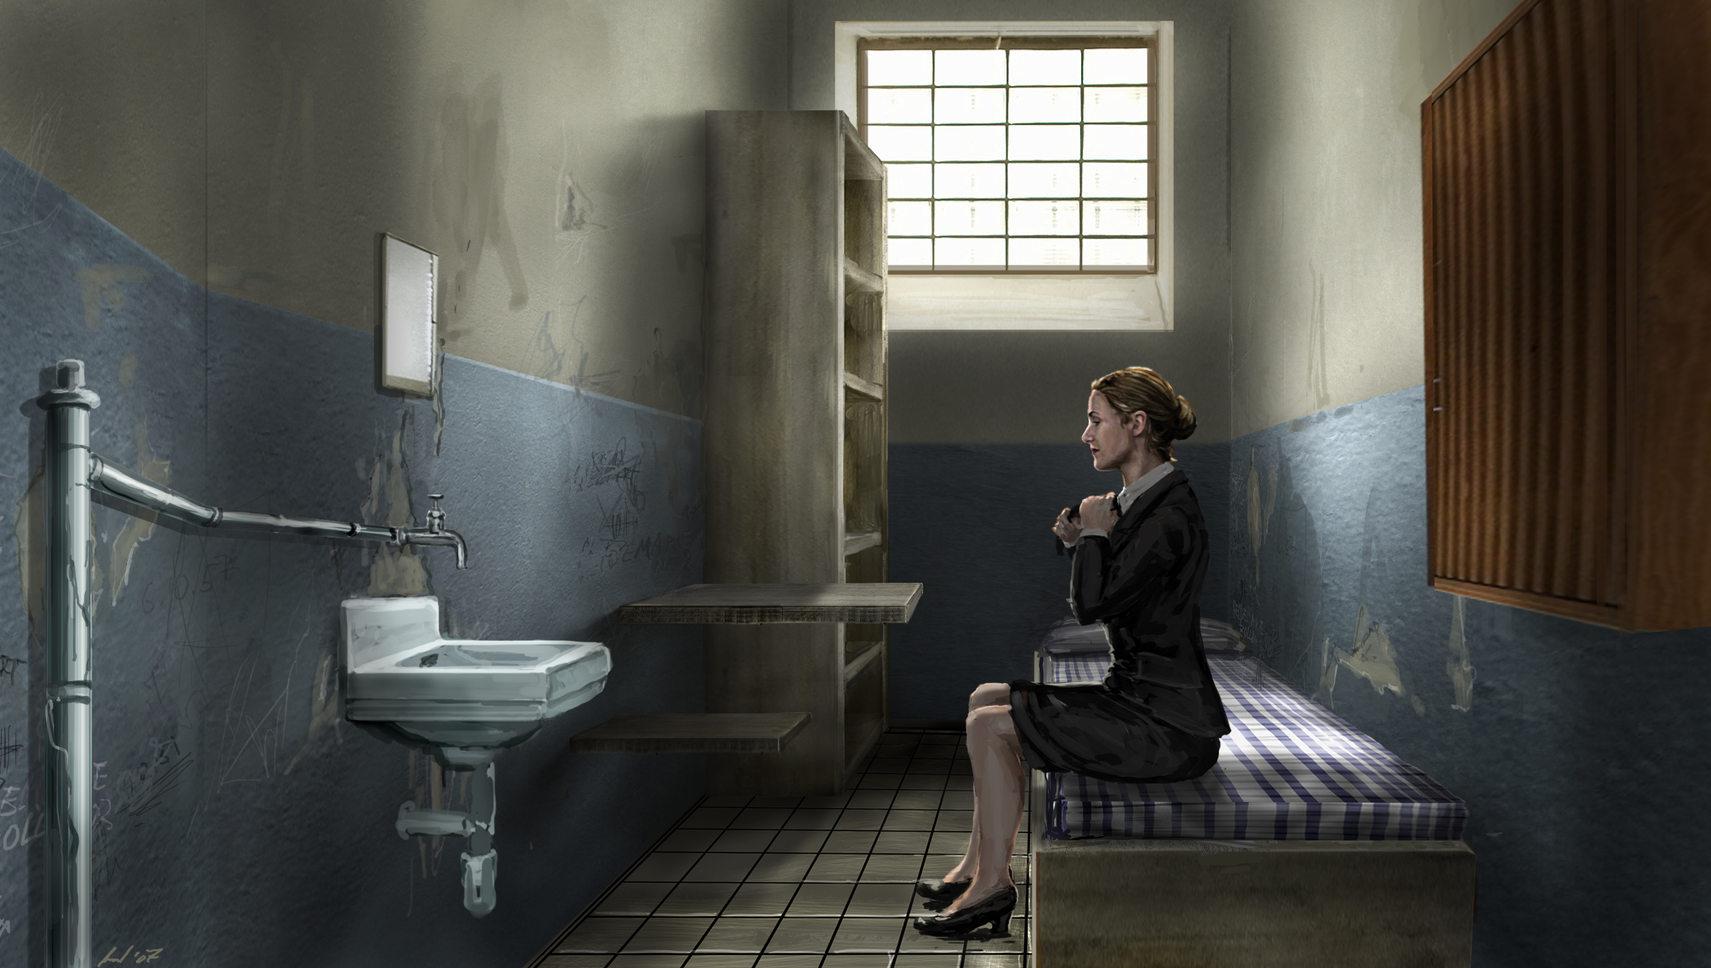 Prison Cell (U-Haft) KW.jpg